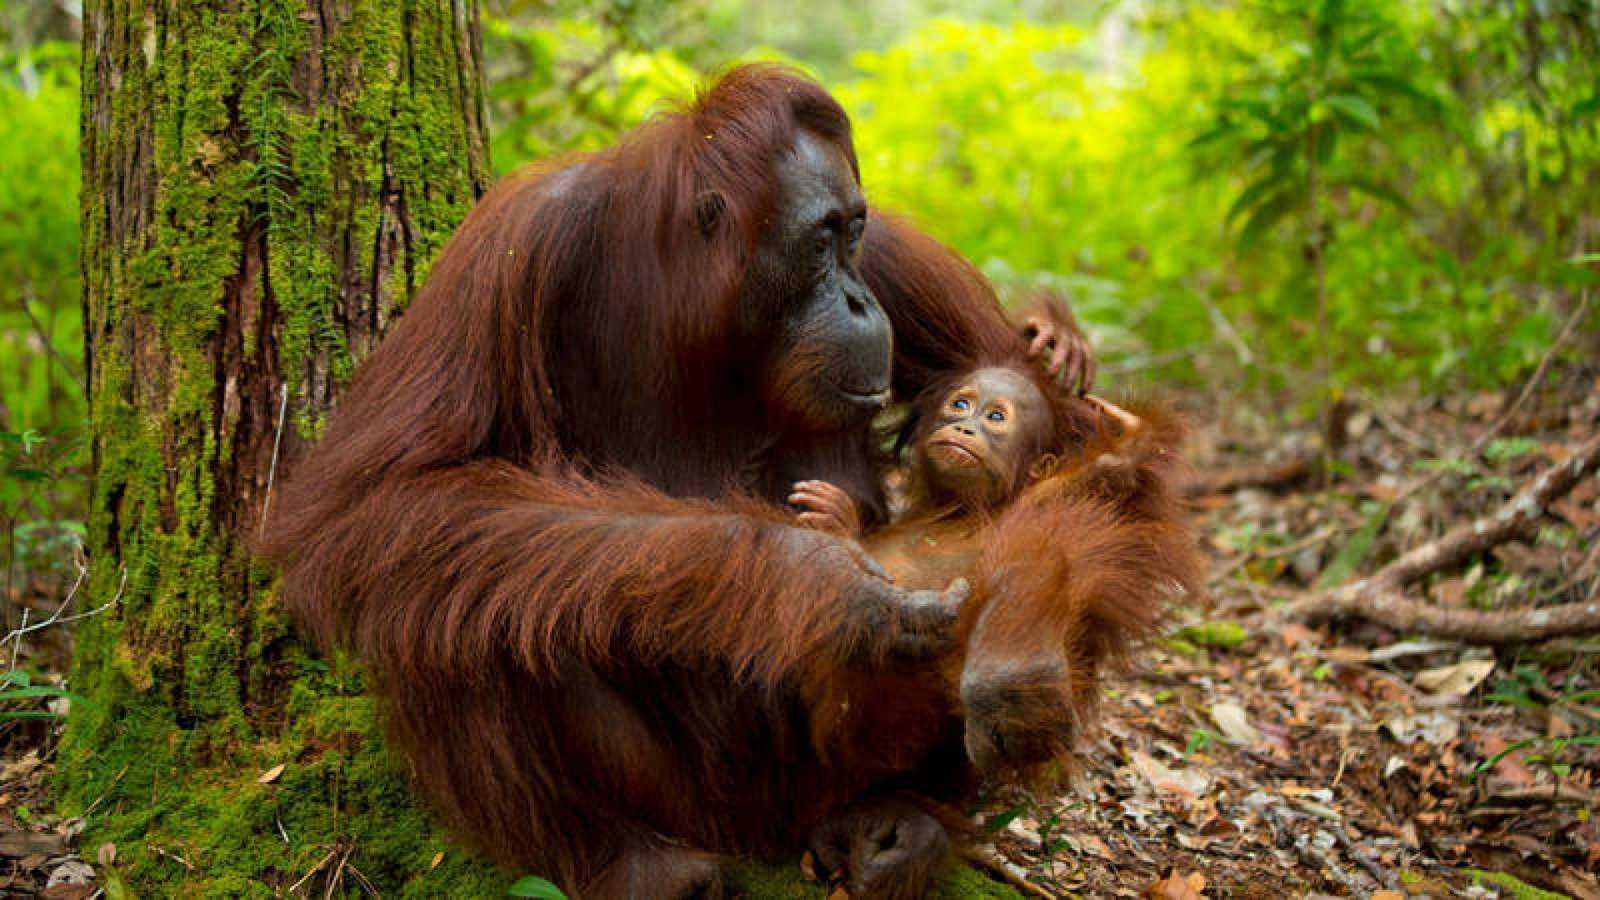 Las Mañanas de Radio Nacional con Pepa Fernández - Orangutanes en peligro de extinción - Escuchar ahora